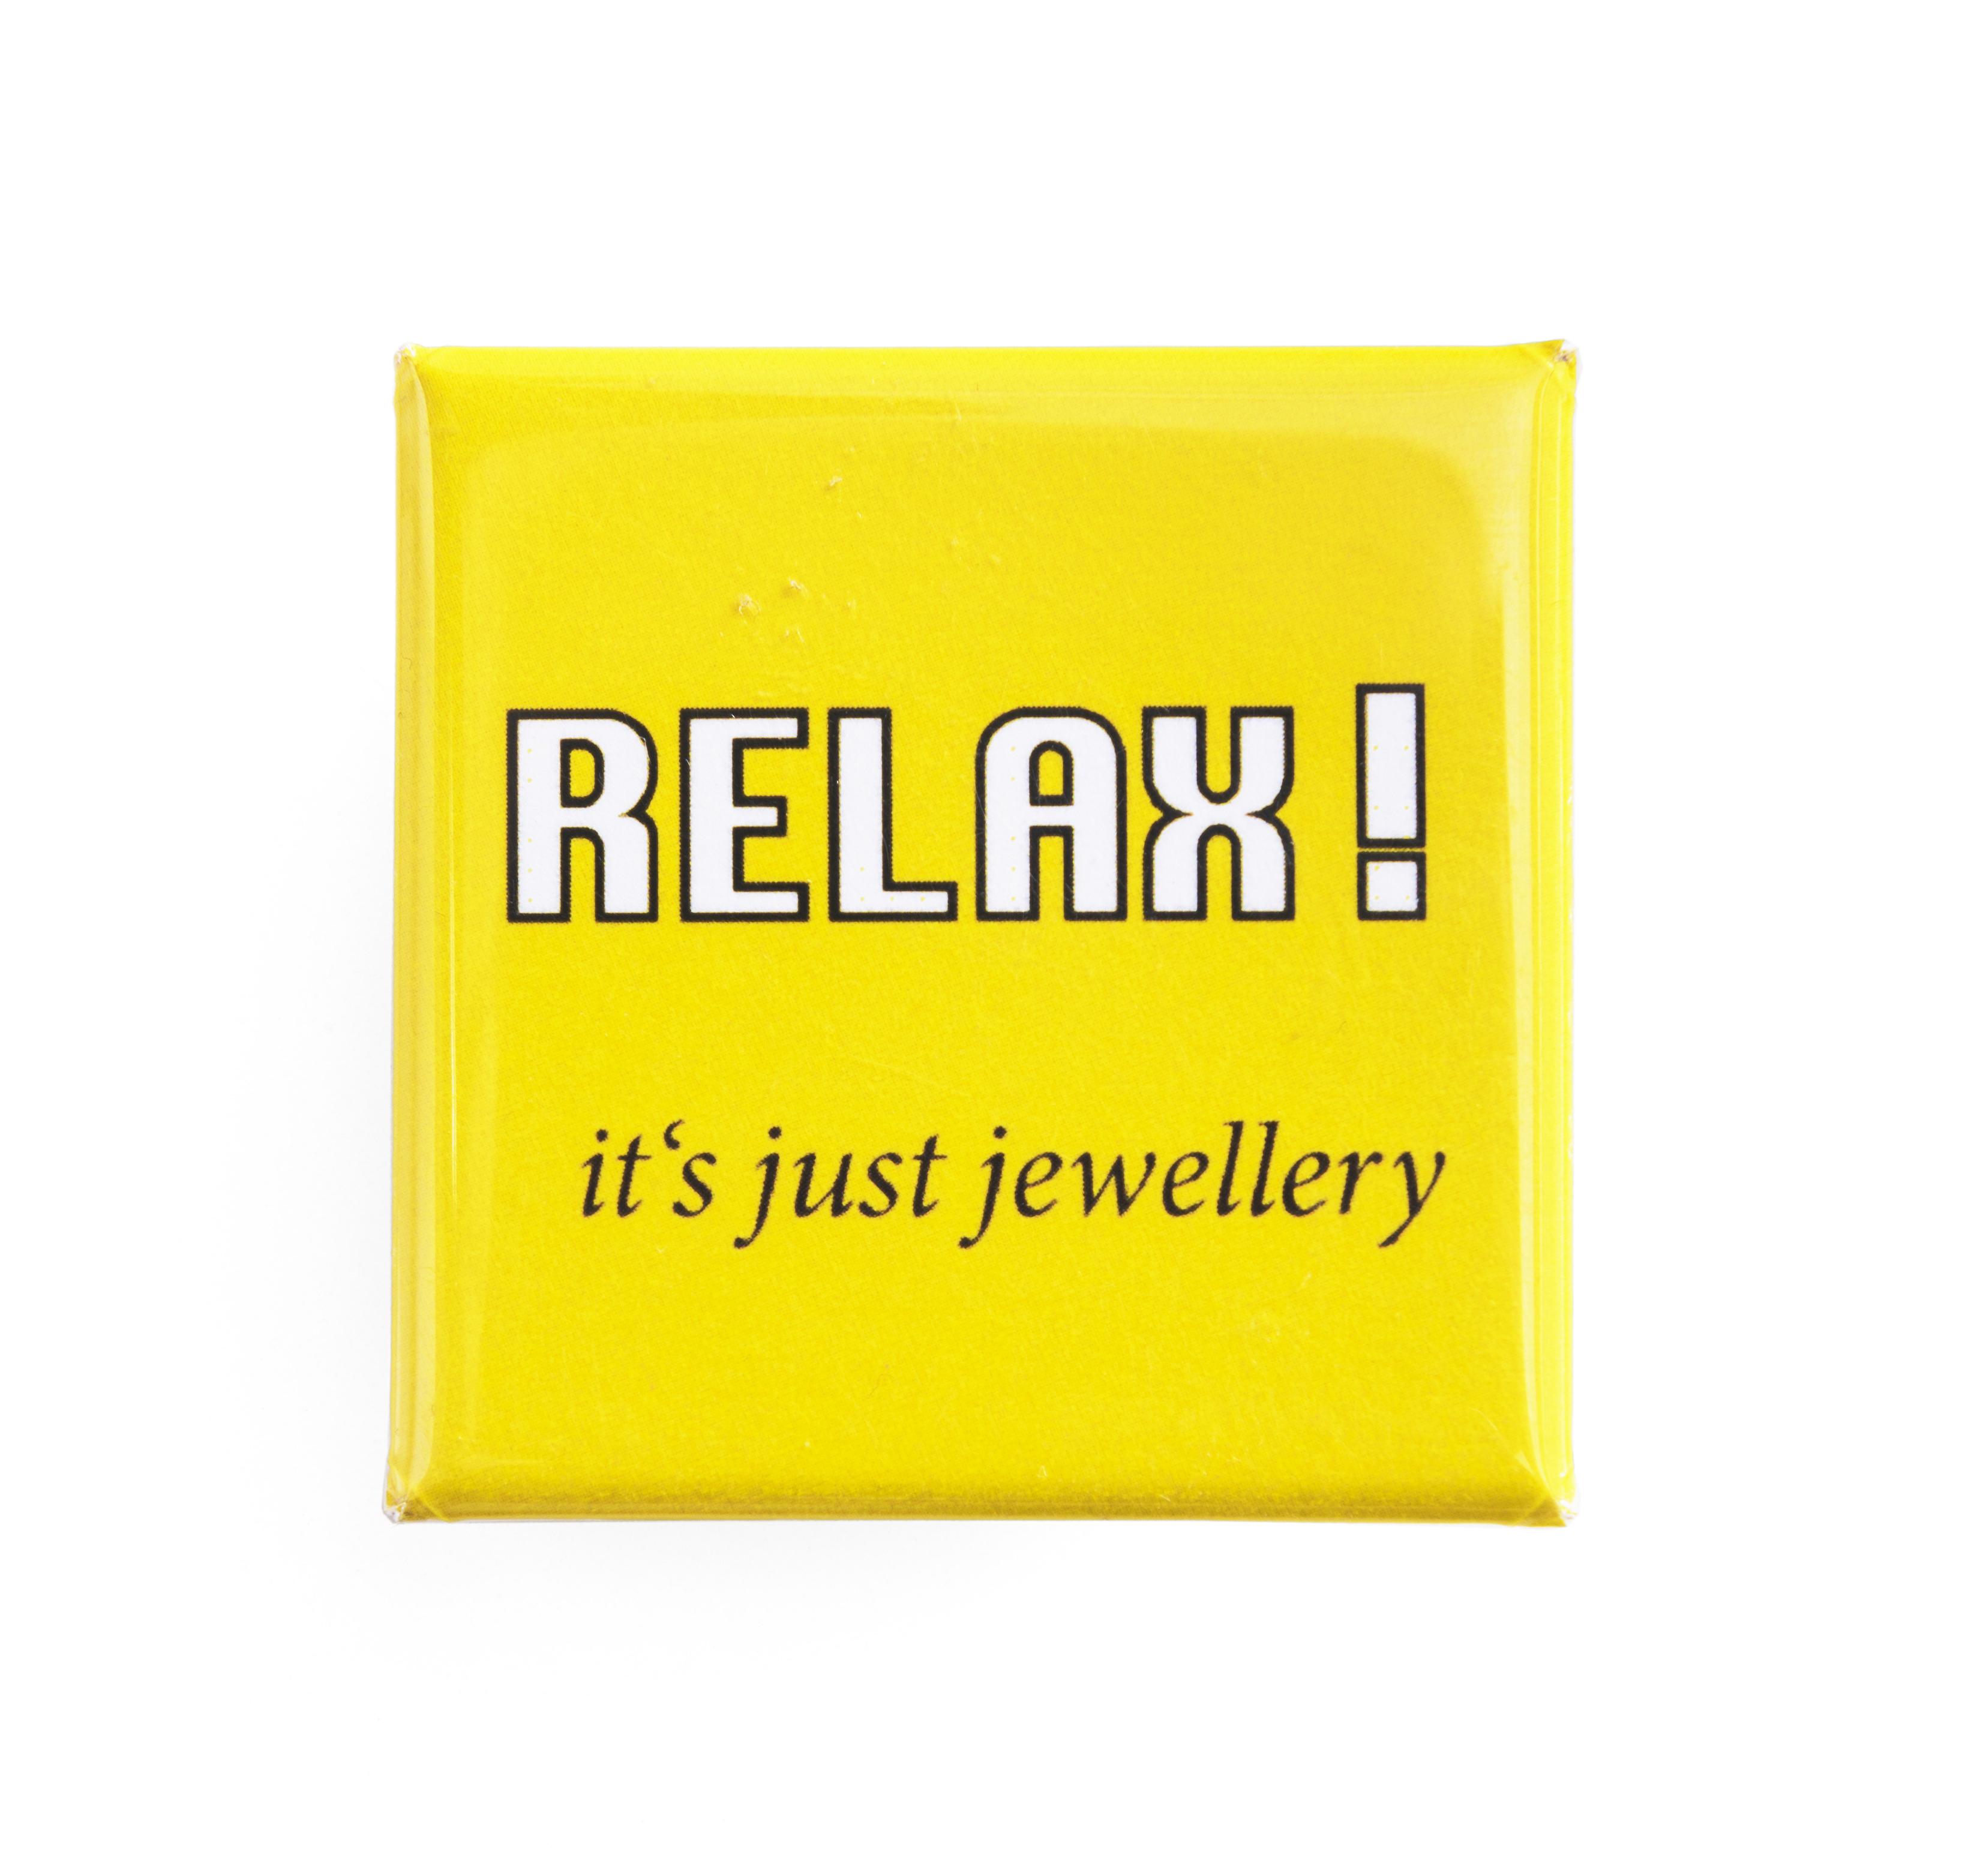 Peter Bauhuis, RELAX! it's just jewellery, broche, 2016, Collectie Jorunn Veiteberg